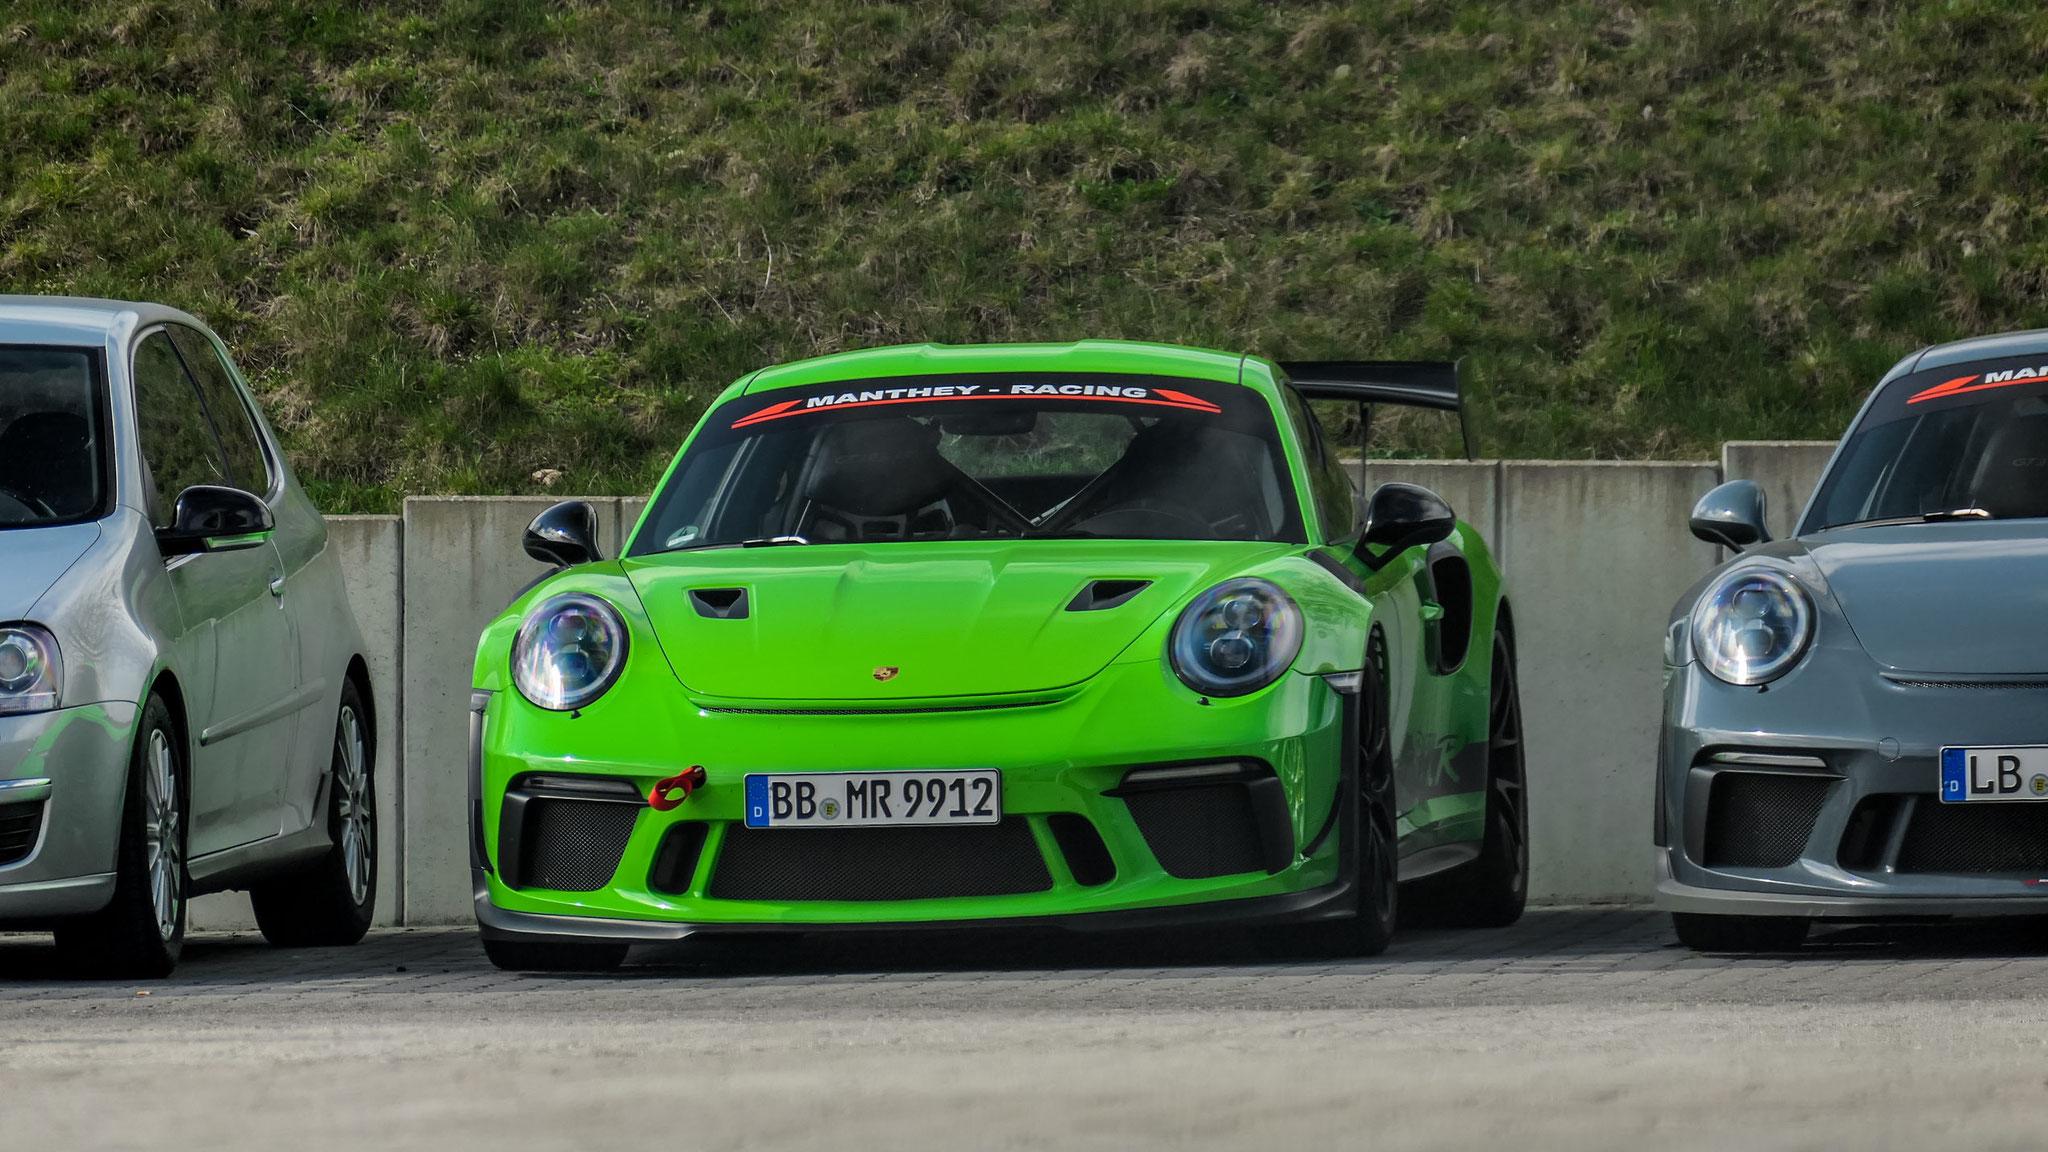 Porsche 911 991.2 GT3 RS - BB-MR-9912